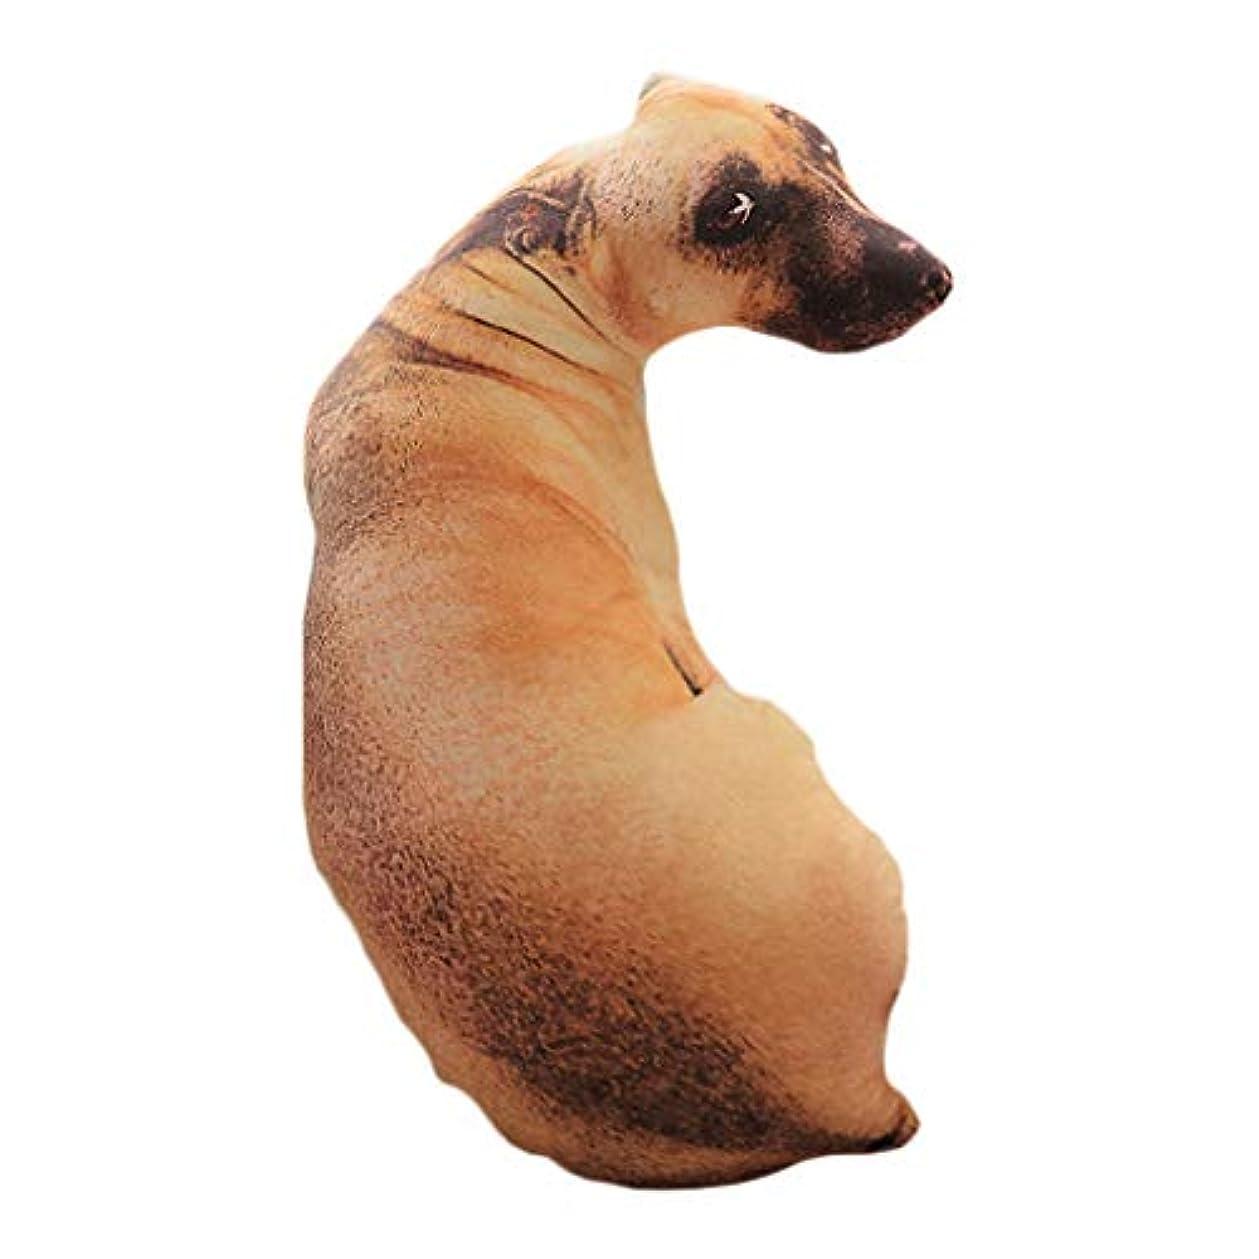 表面アレルギー屋内でLIFE 装飾クッションソファおかしい 3D 犬印刷スロー枕創造クッションかわいいぬいぐるみギフト家の装飾 coussin decoratif クッション 椅子